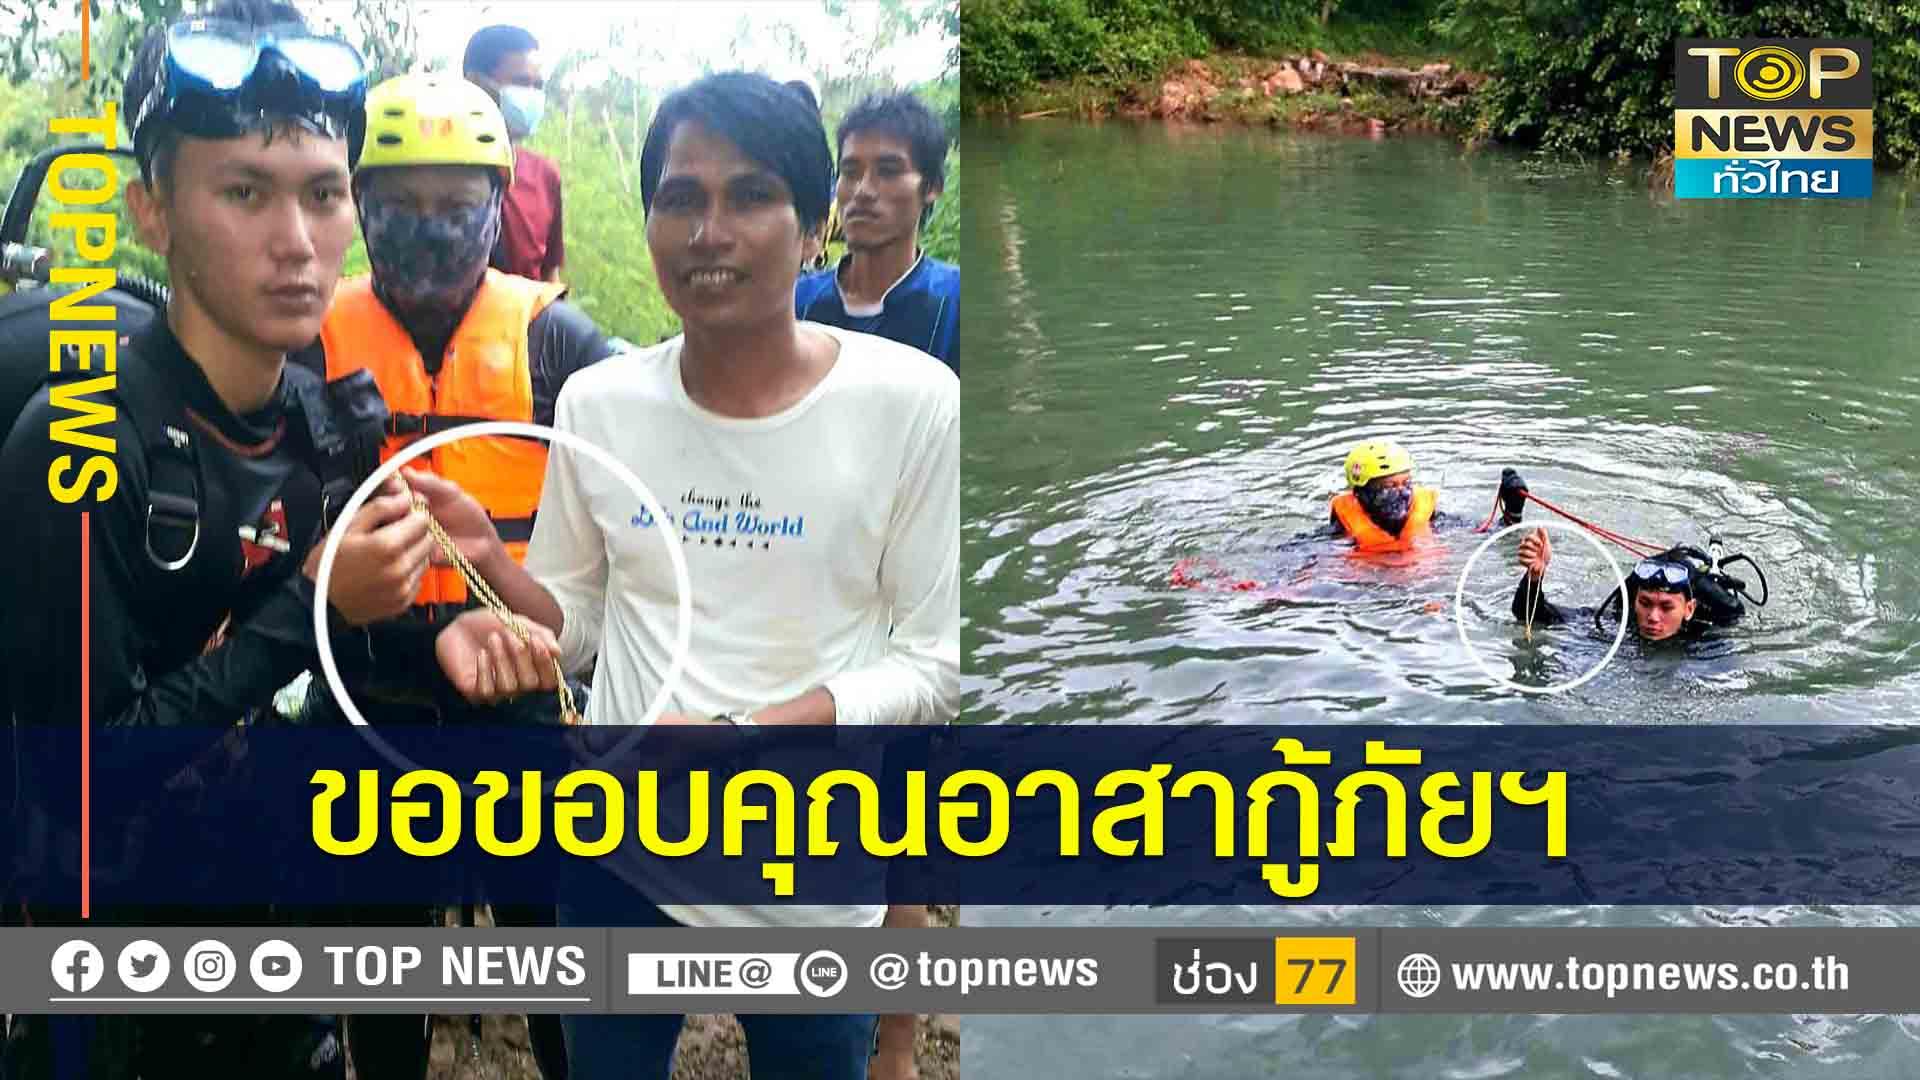 ปราจีนบุรี-หนุ่มเมียนมาเกือบสูญสร้อยทอง 2.50 บาท หลังถูกเพื่อนผลักลงน้ำแล้วหลุดลงน้ำ (มีคลิป)